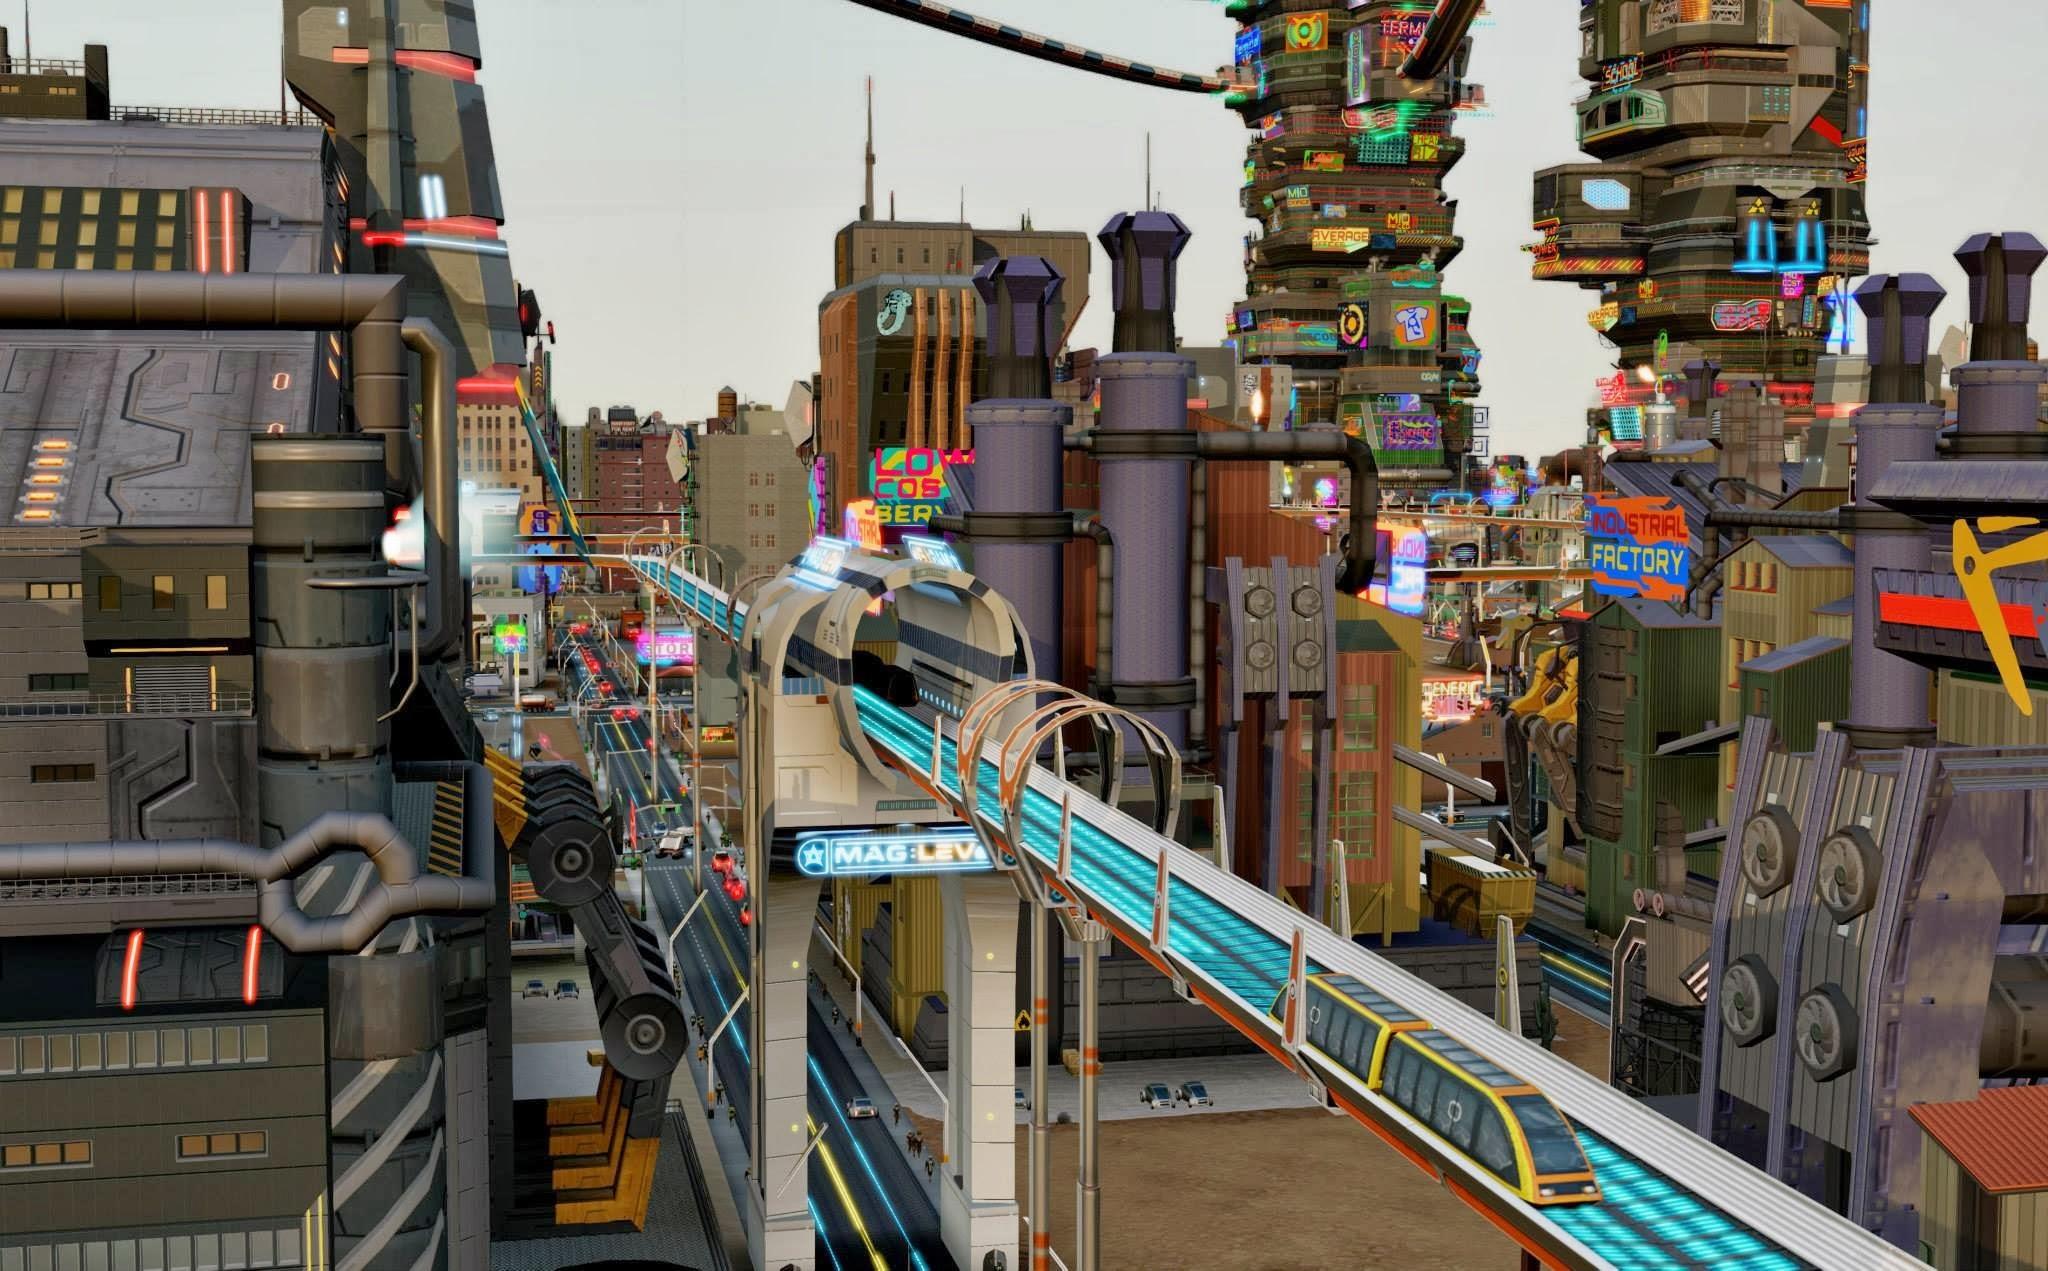 Simcity Städte Der Zukunft Herstellerbilder V 15102013